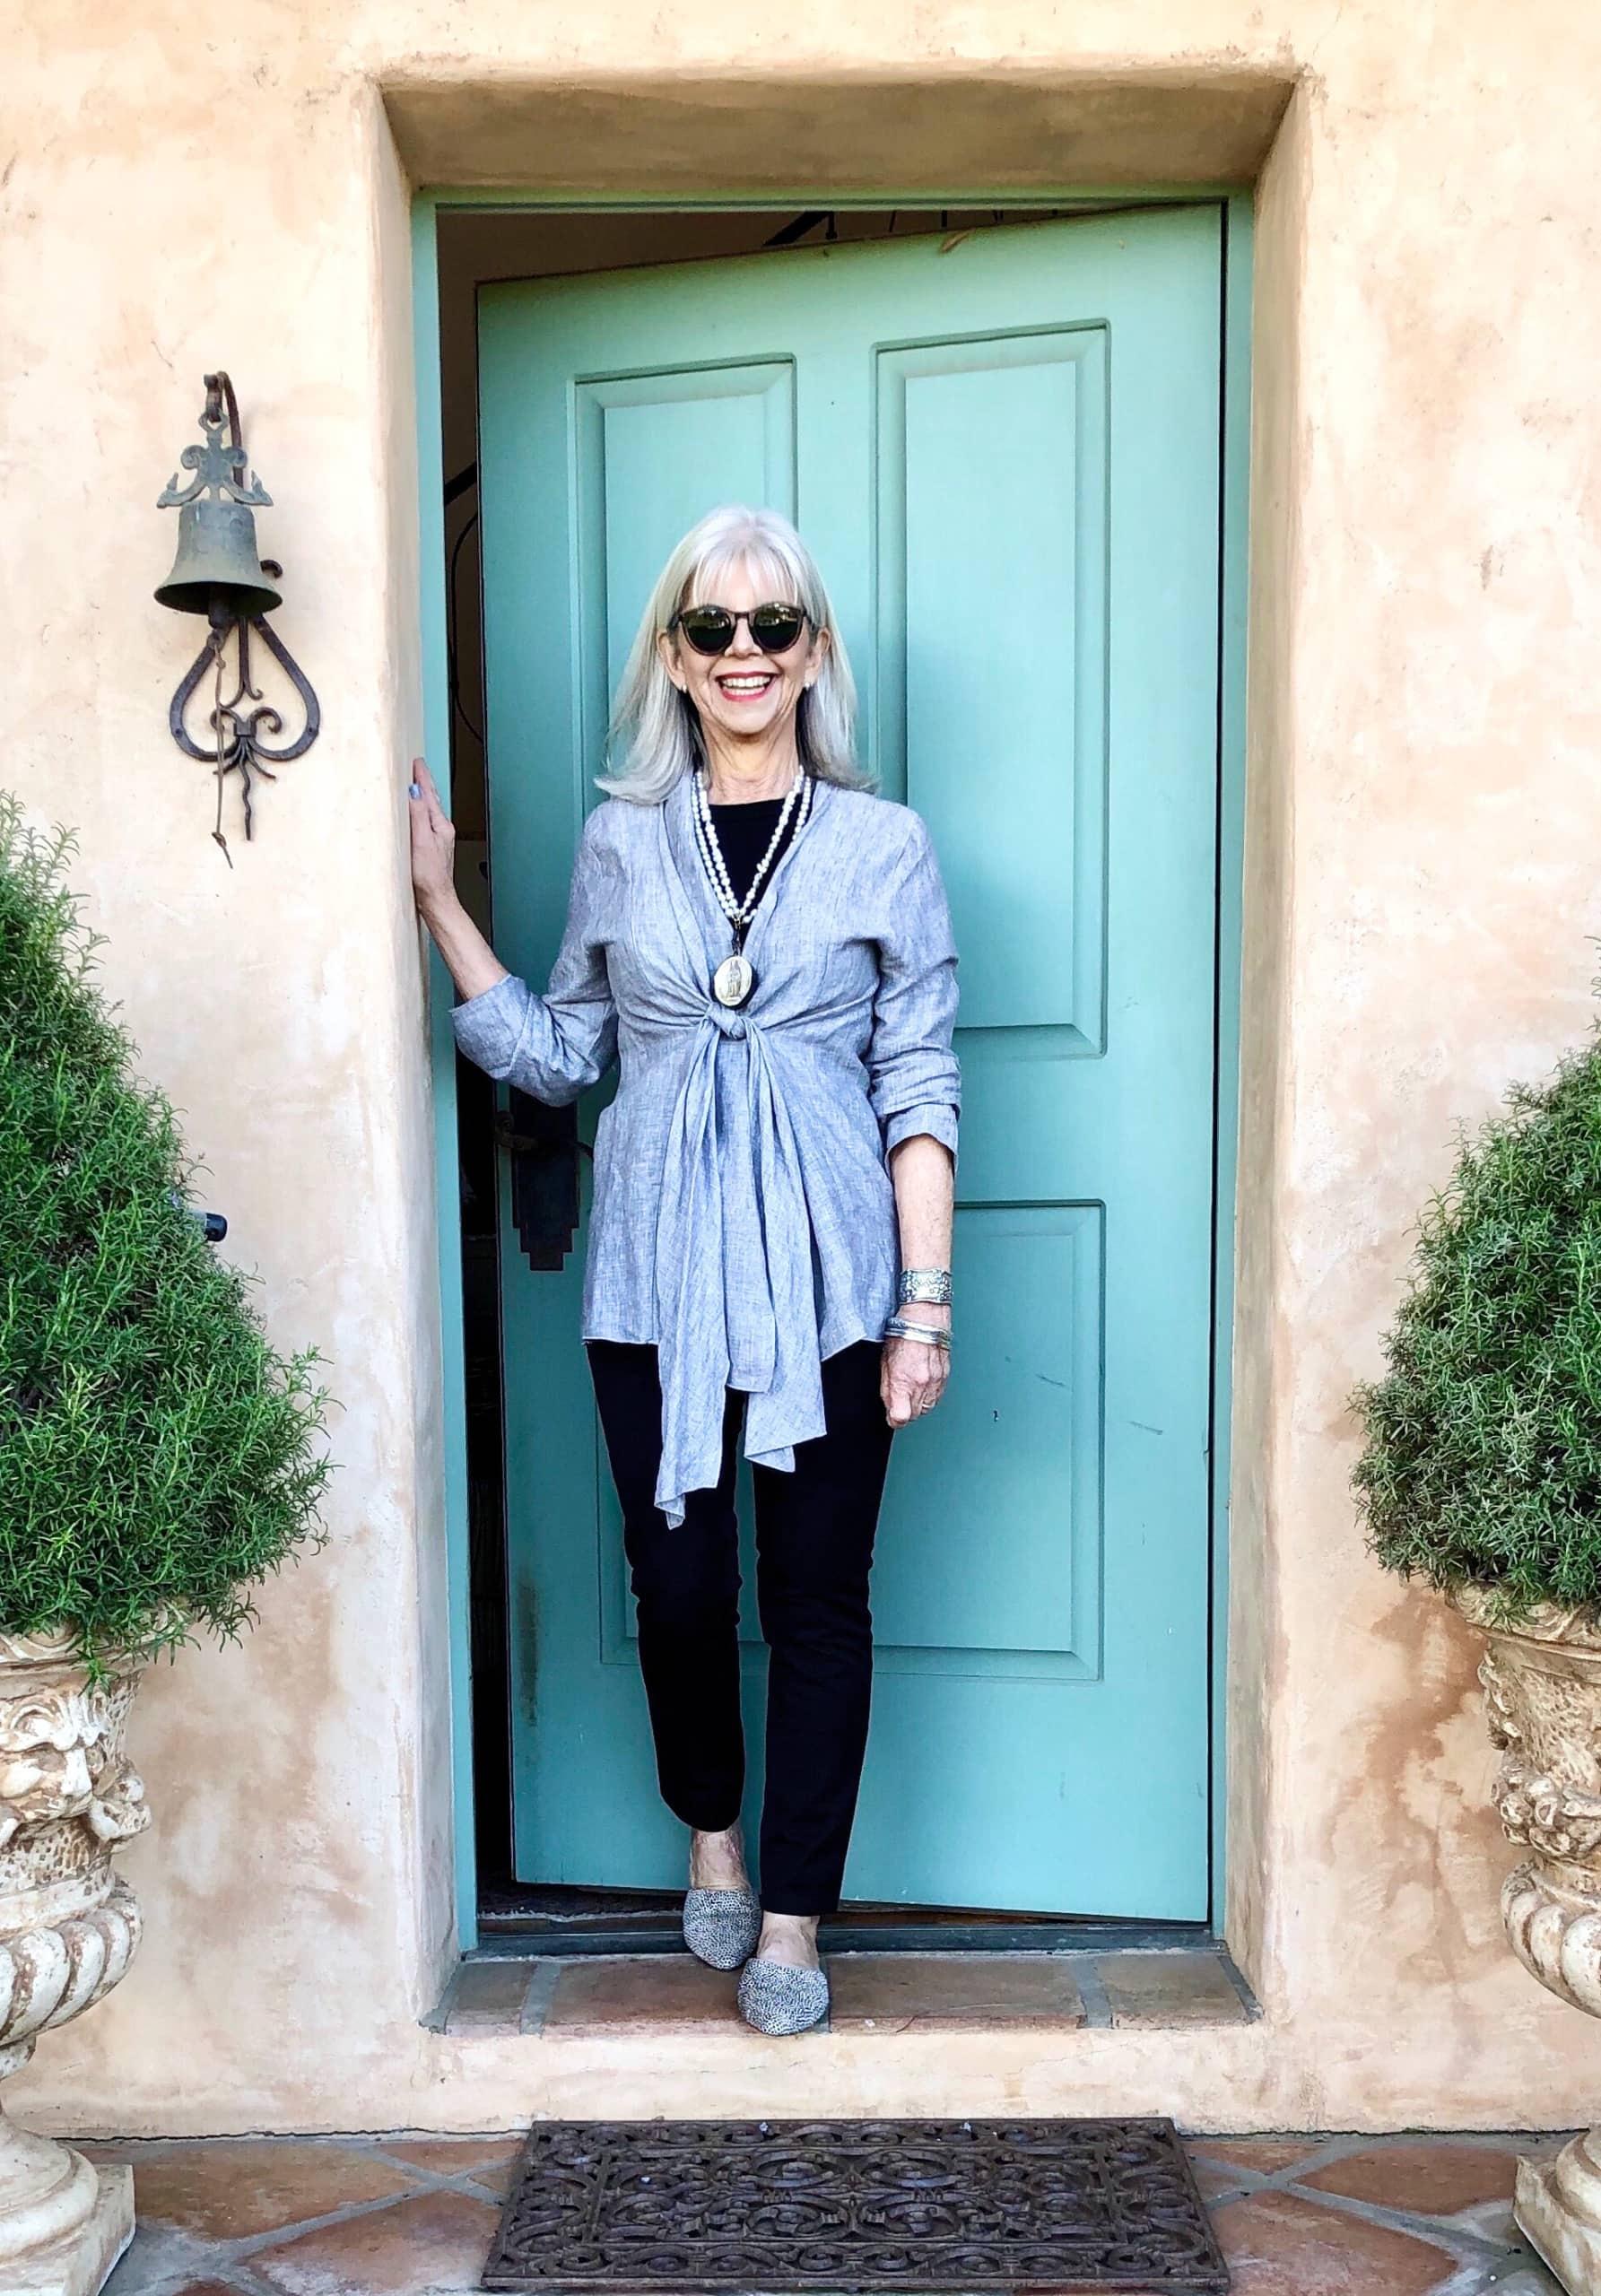 cindy hattersley at front door